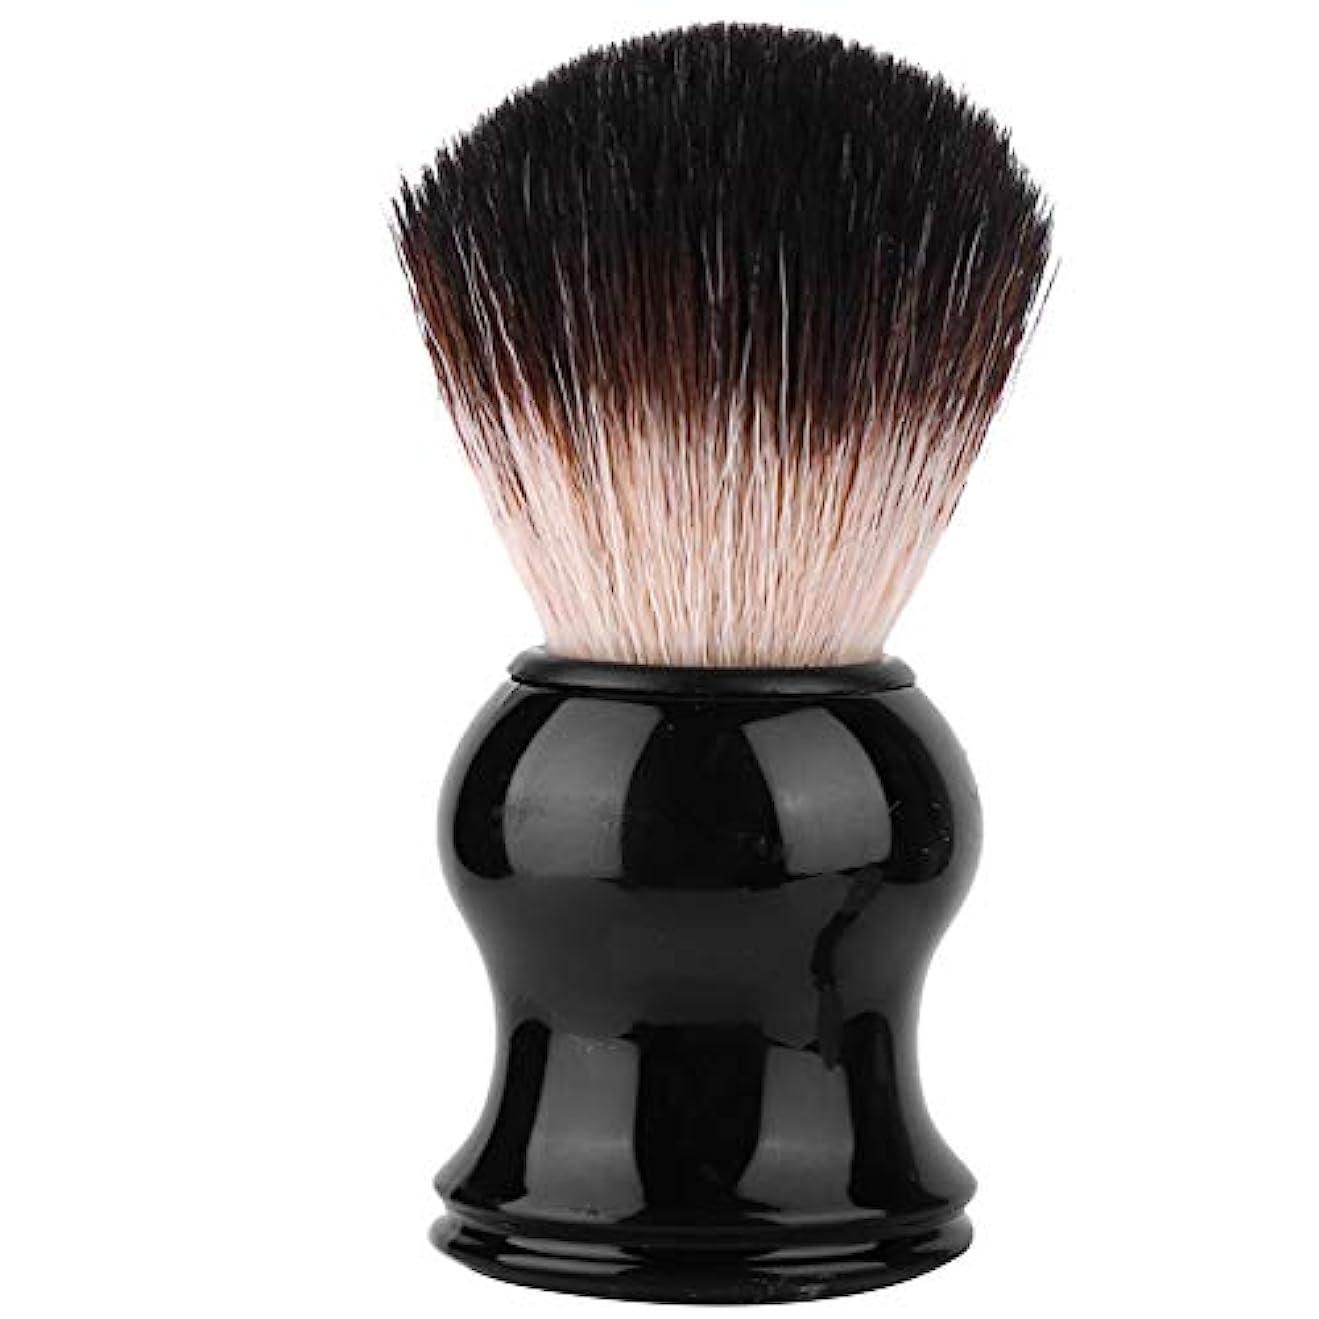 解放ニコチン証拠ポータブルメンズソフトヘアシェービングブラシ絶妙なハンドル髭ブラシ理髪ツール個人用および業務用シェービングに最適(3#)